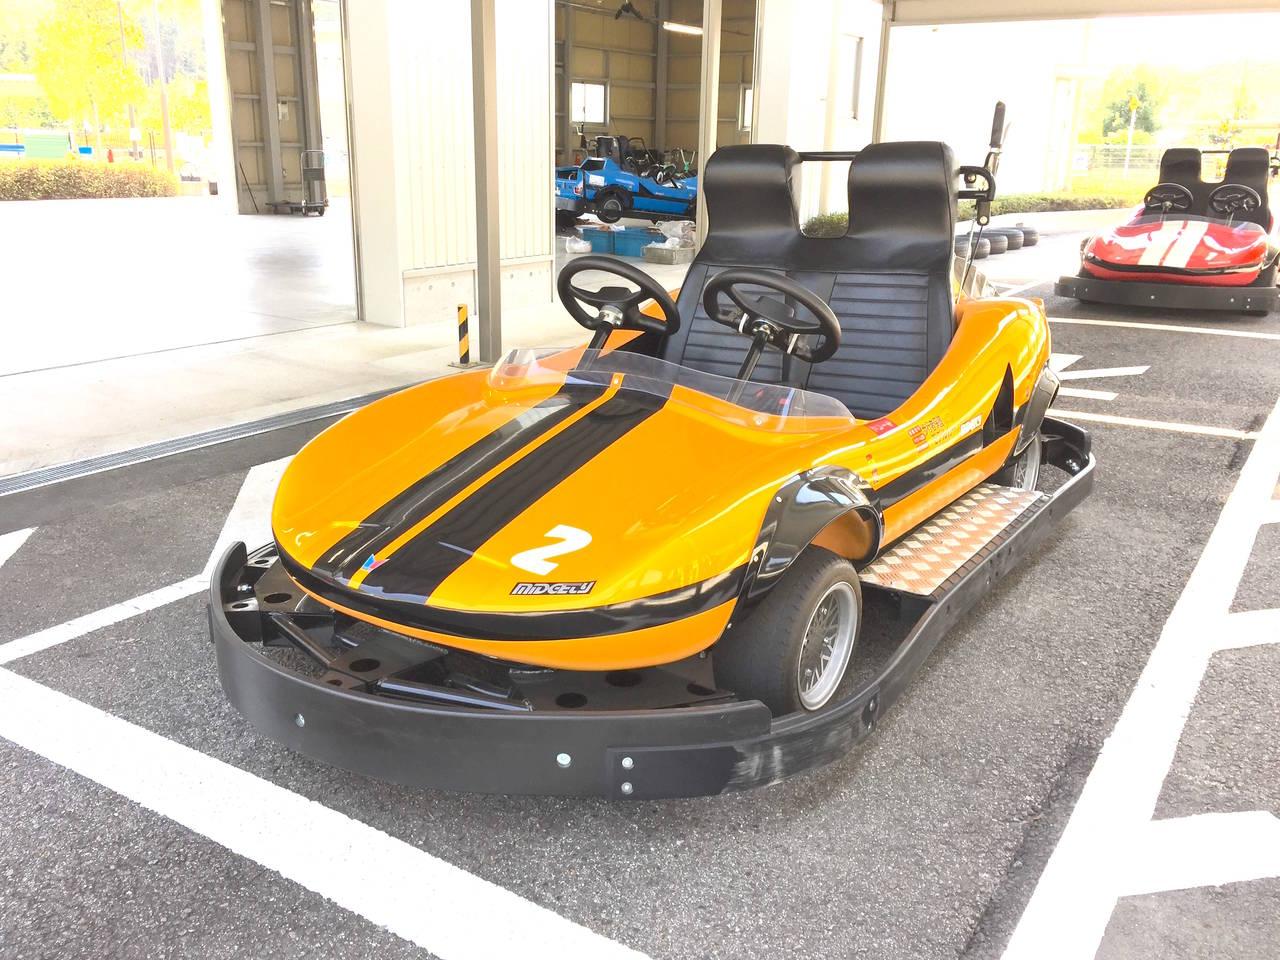 【愛知】カッコいいゴーカートに乗れる「豊田市交通安全学習センター」